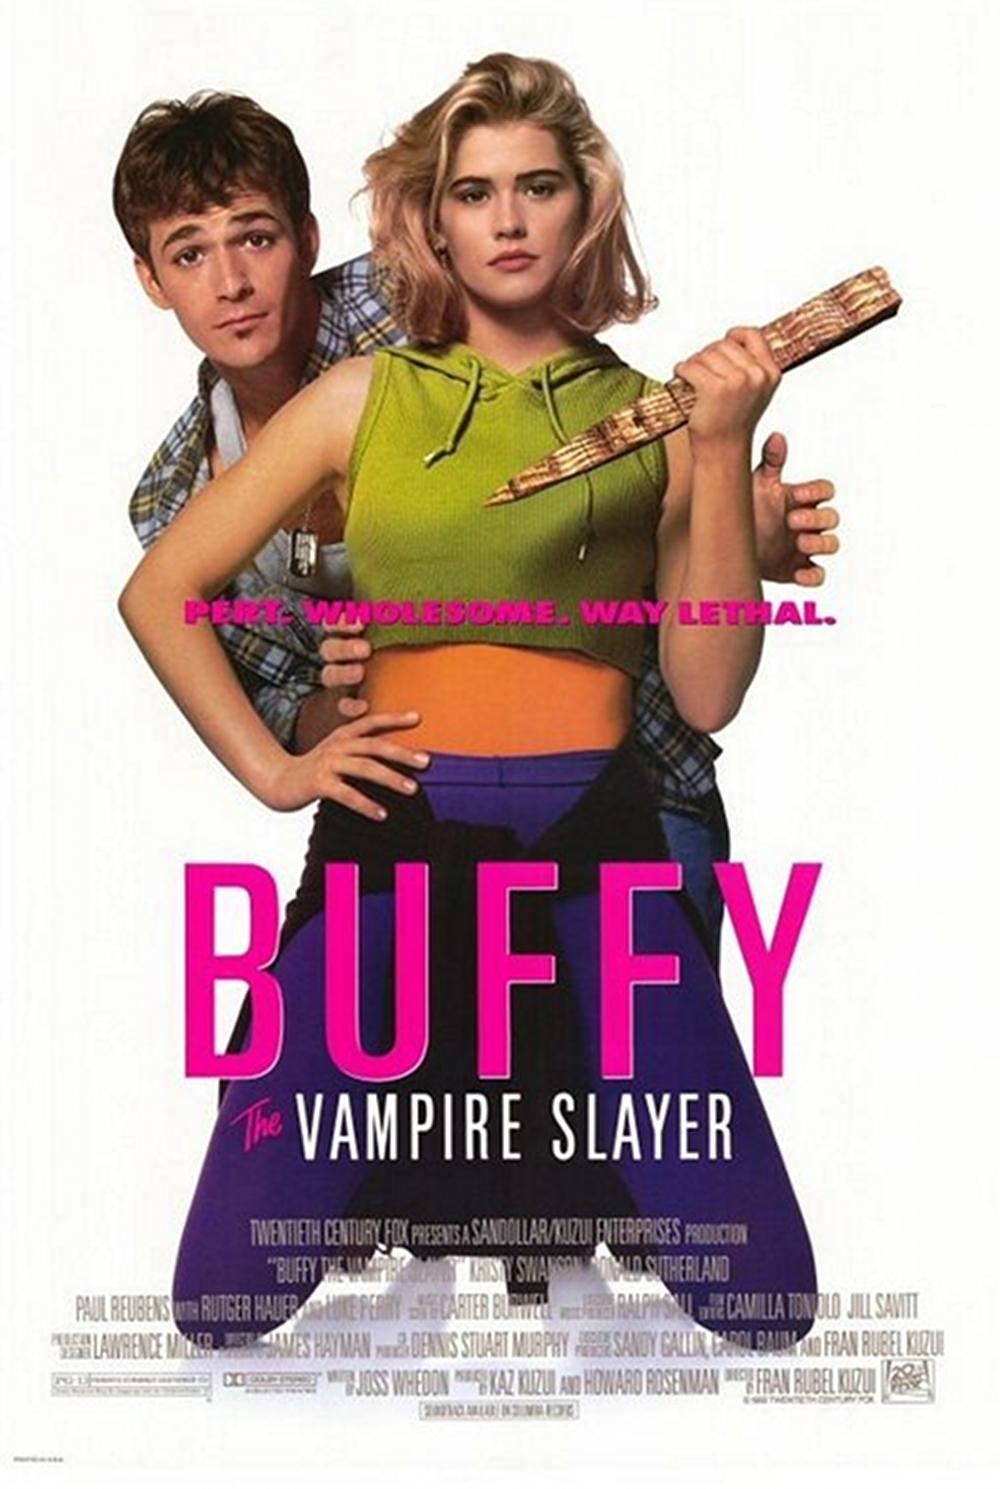 Buffy-the-Vampire-Slayer-poster.jpg